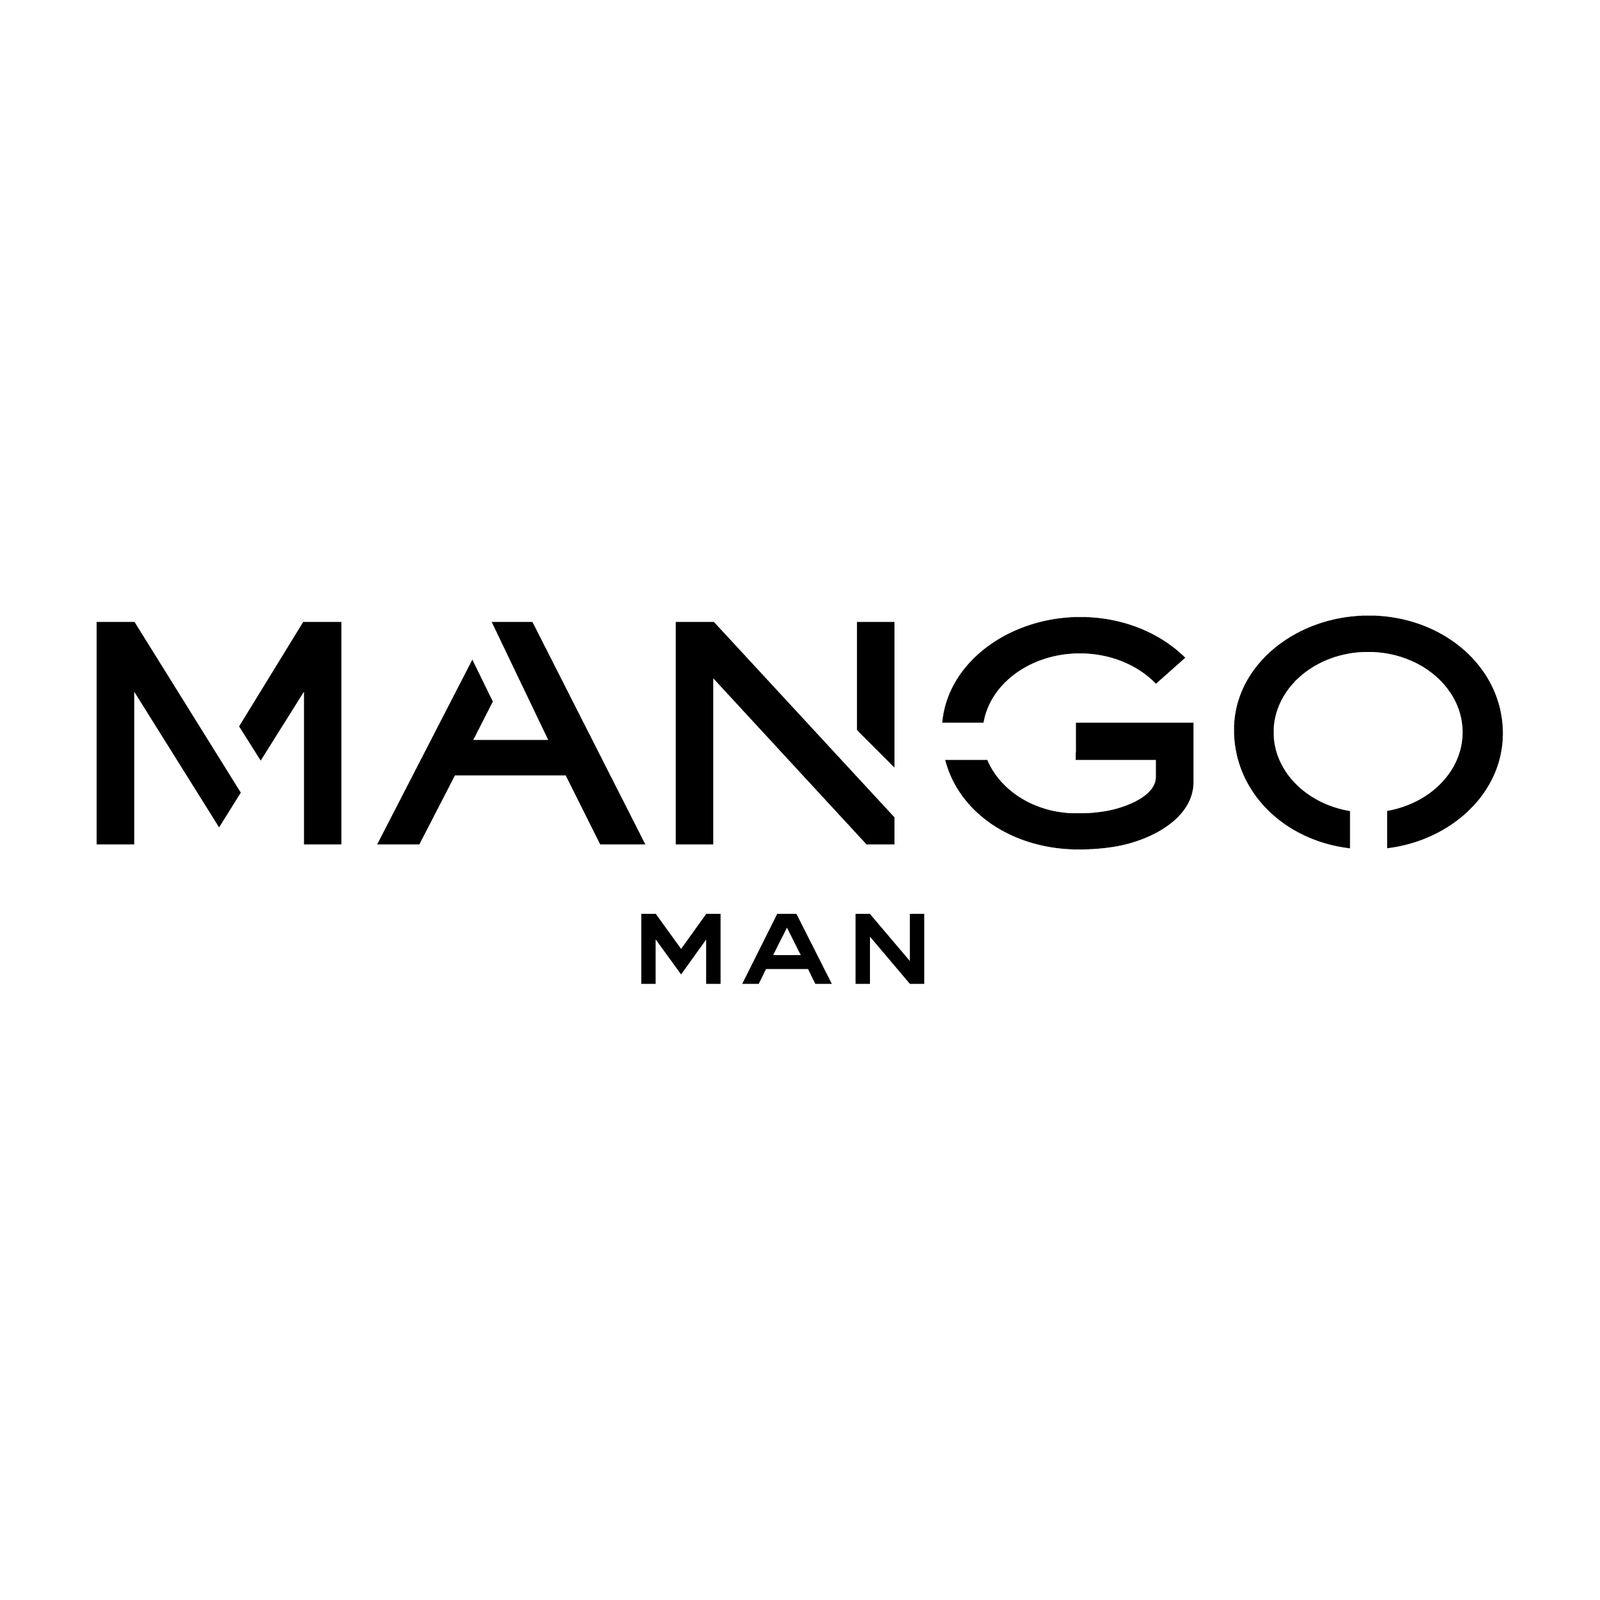 MANGO Man (Bild 1)